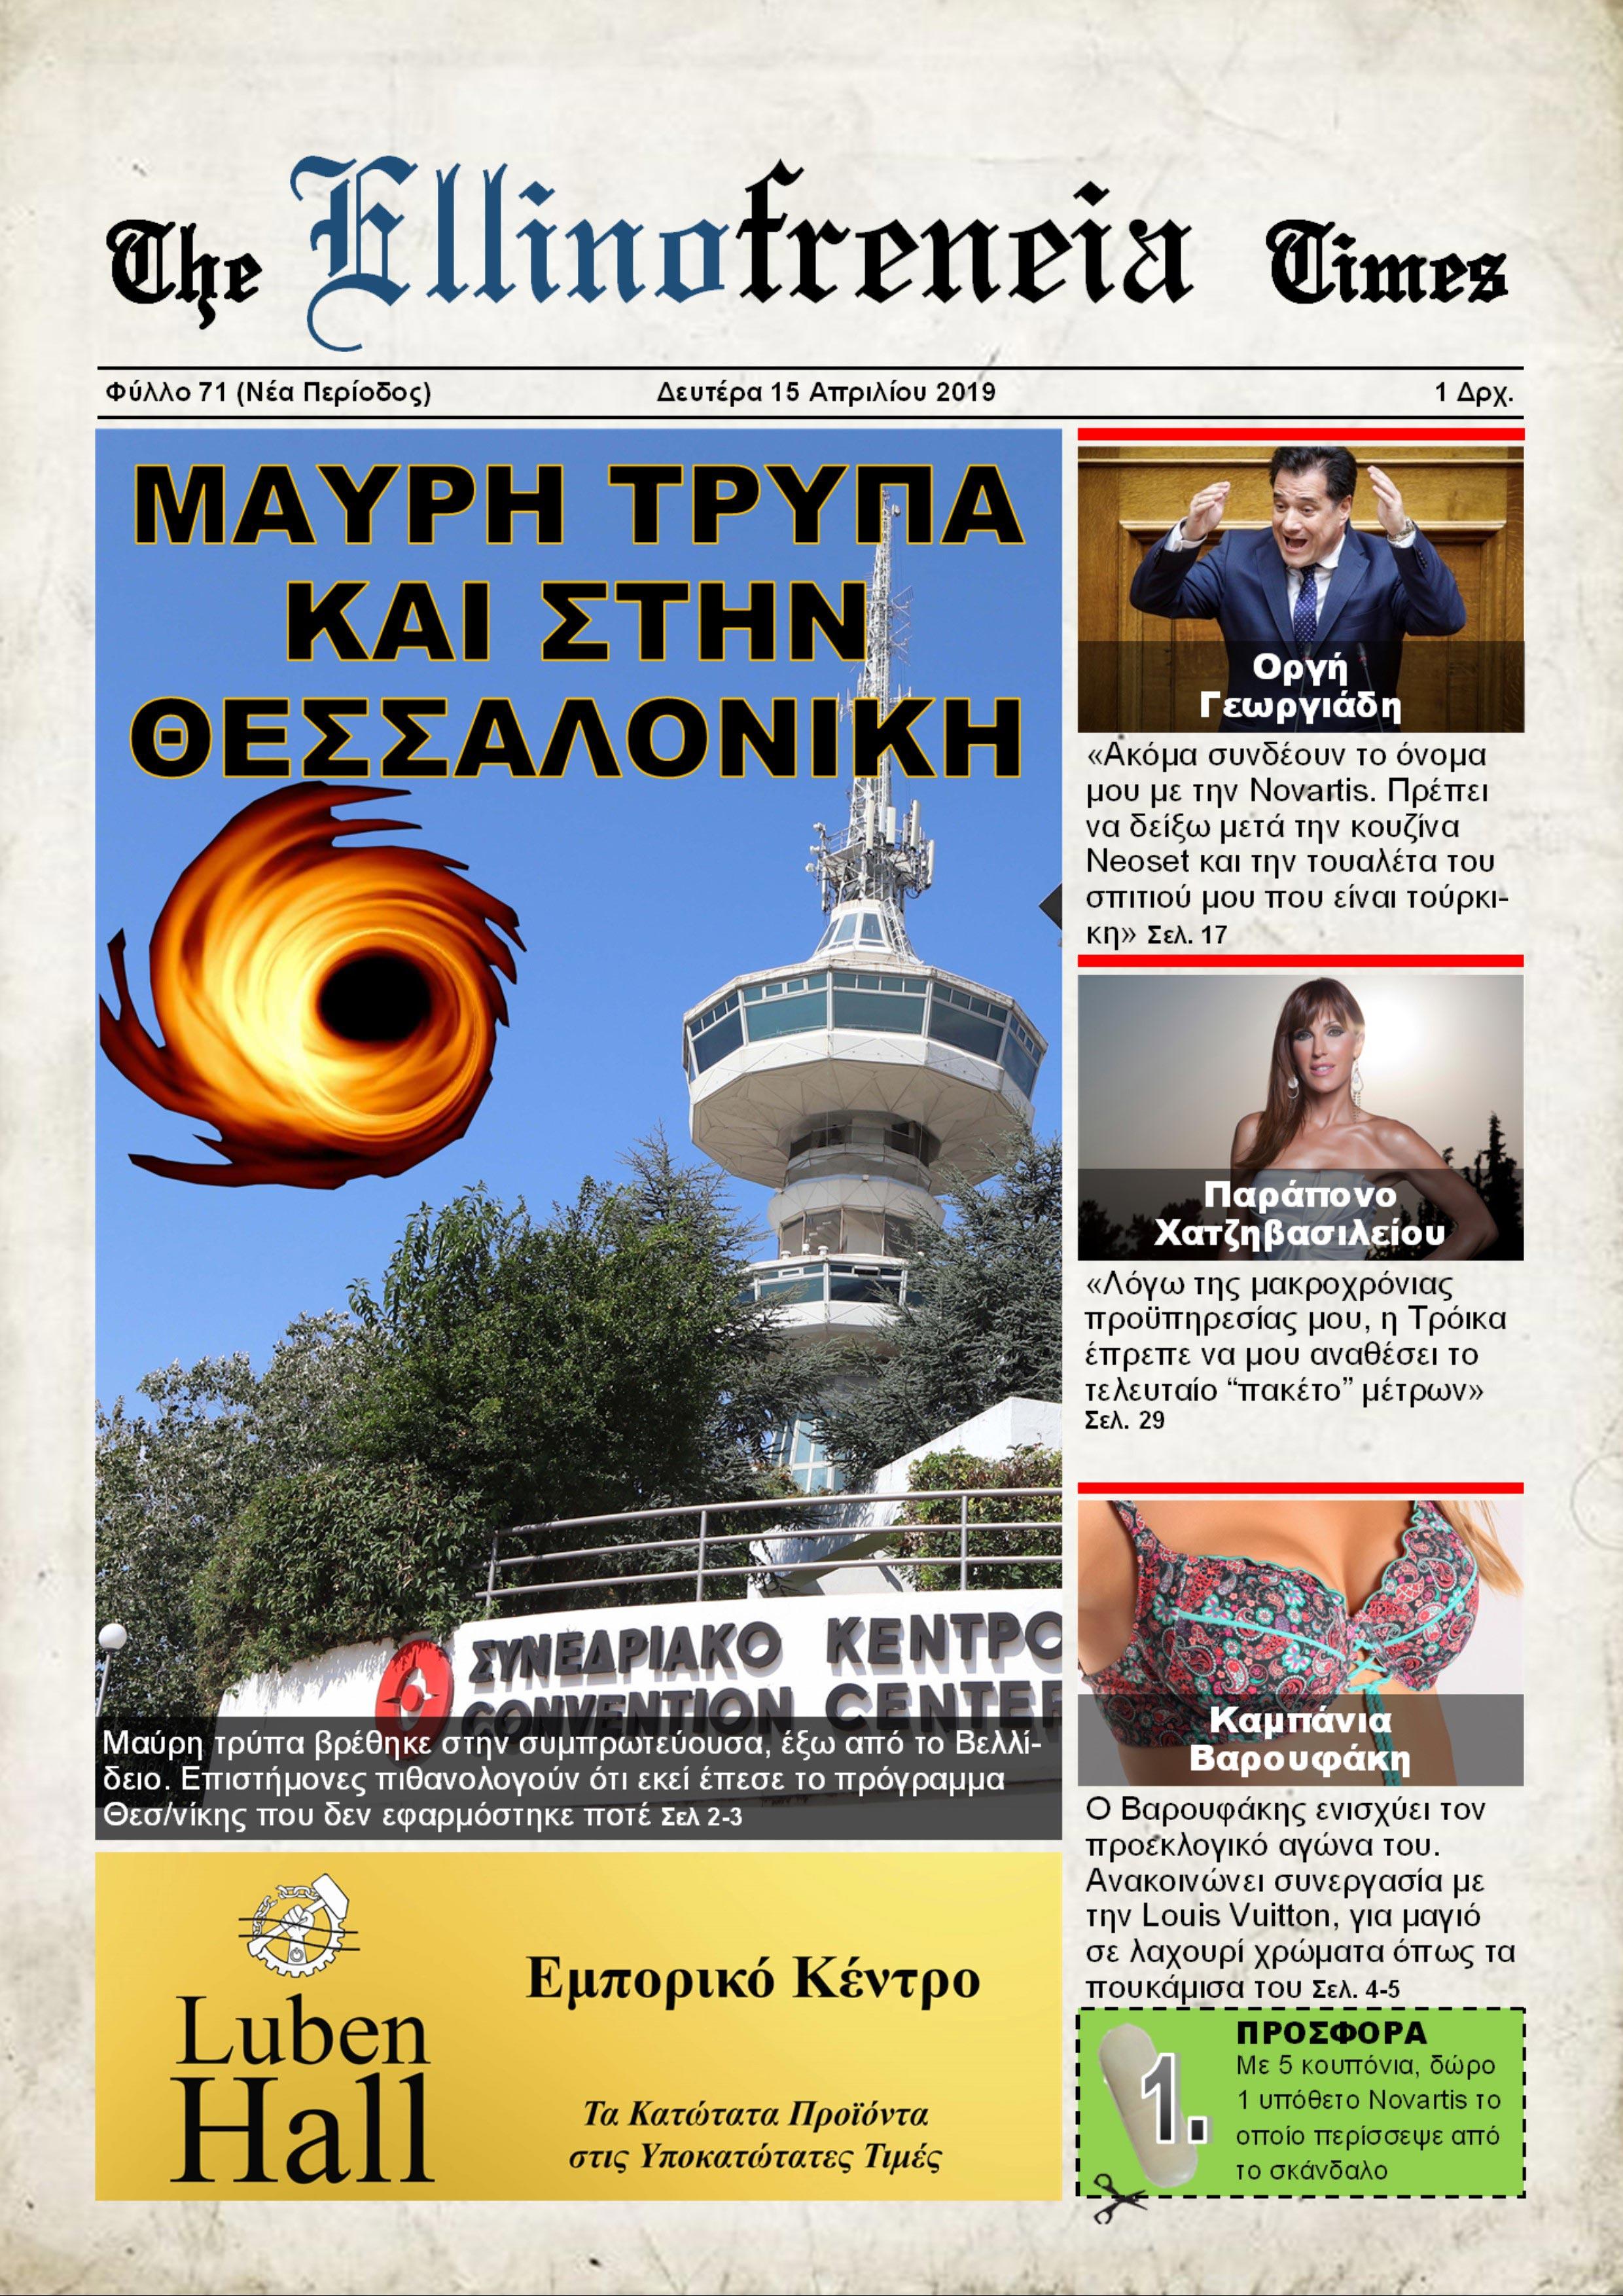 Εφημερίδα, Μαύρη Τρύπα, Γεωργιάδης,Βαρουφάκης